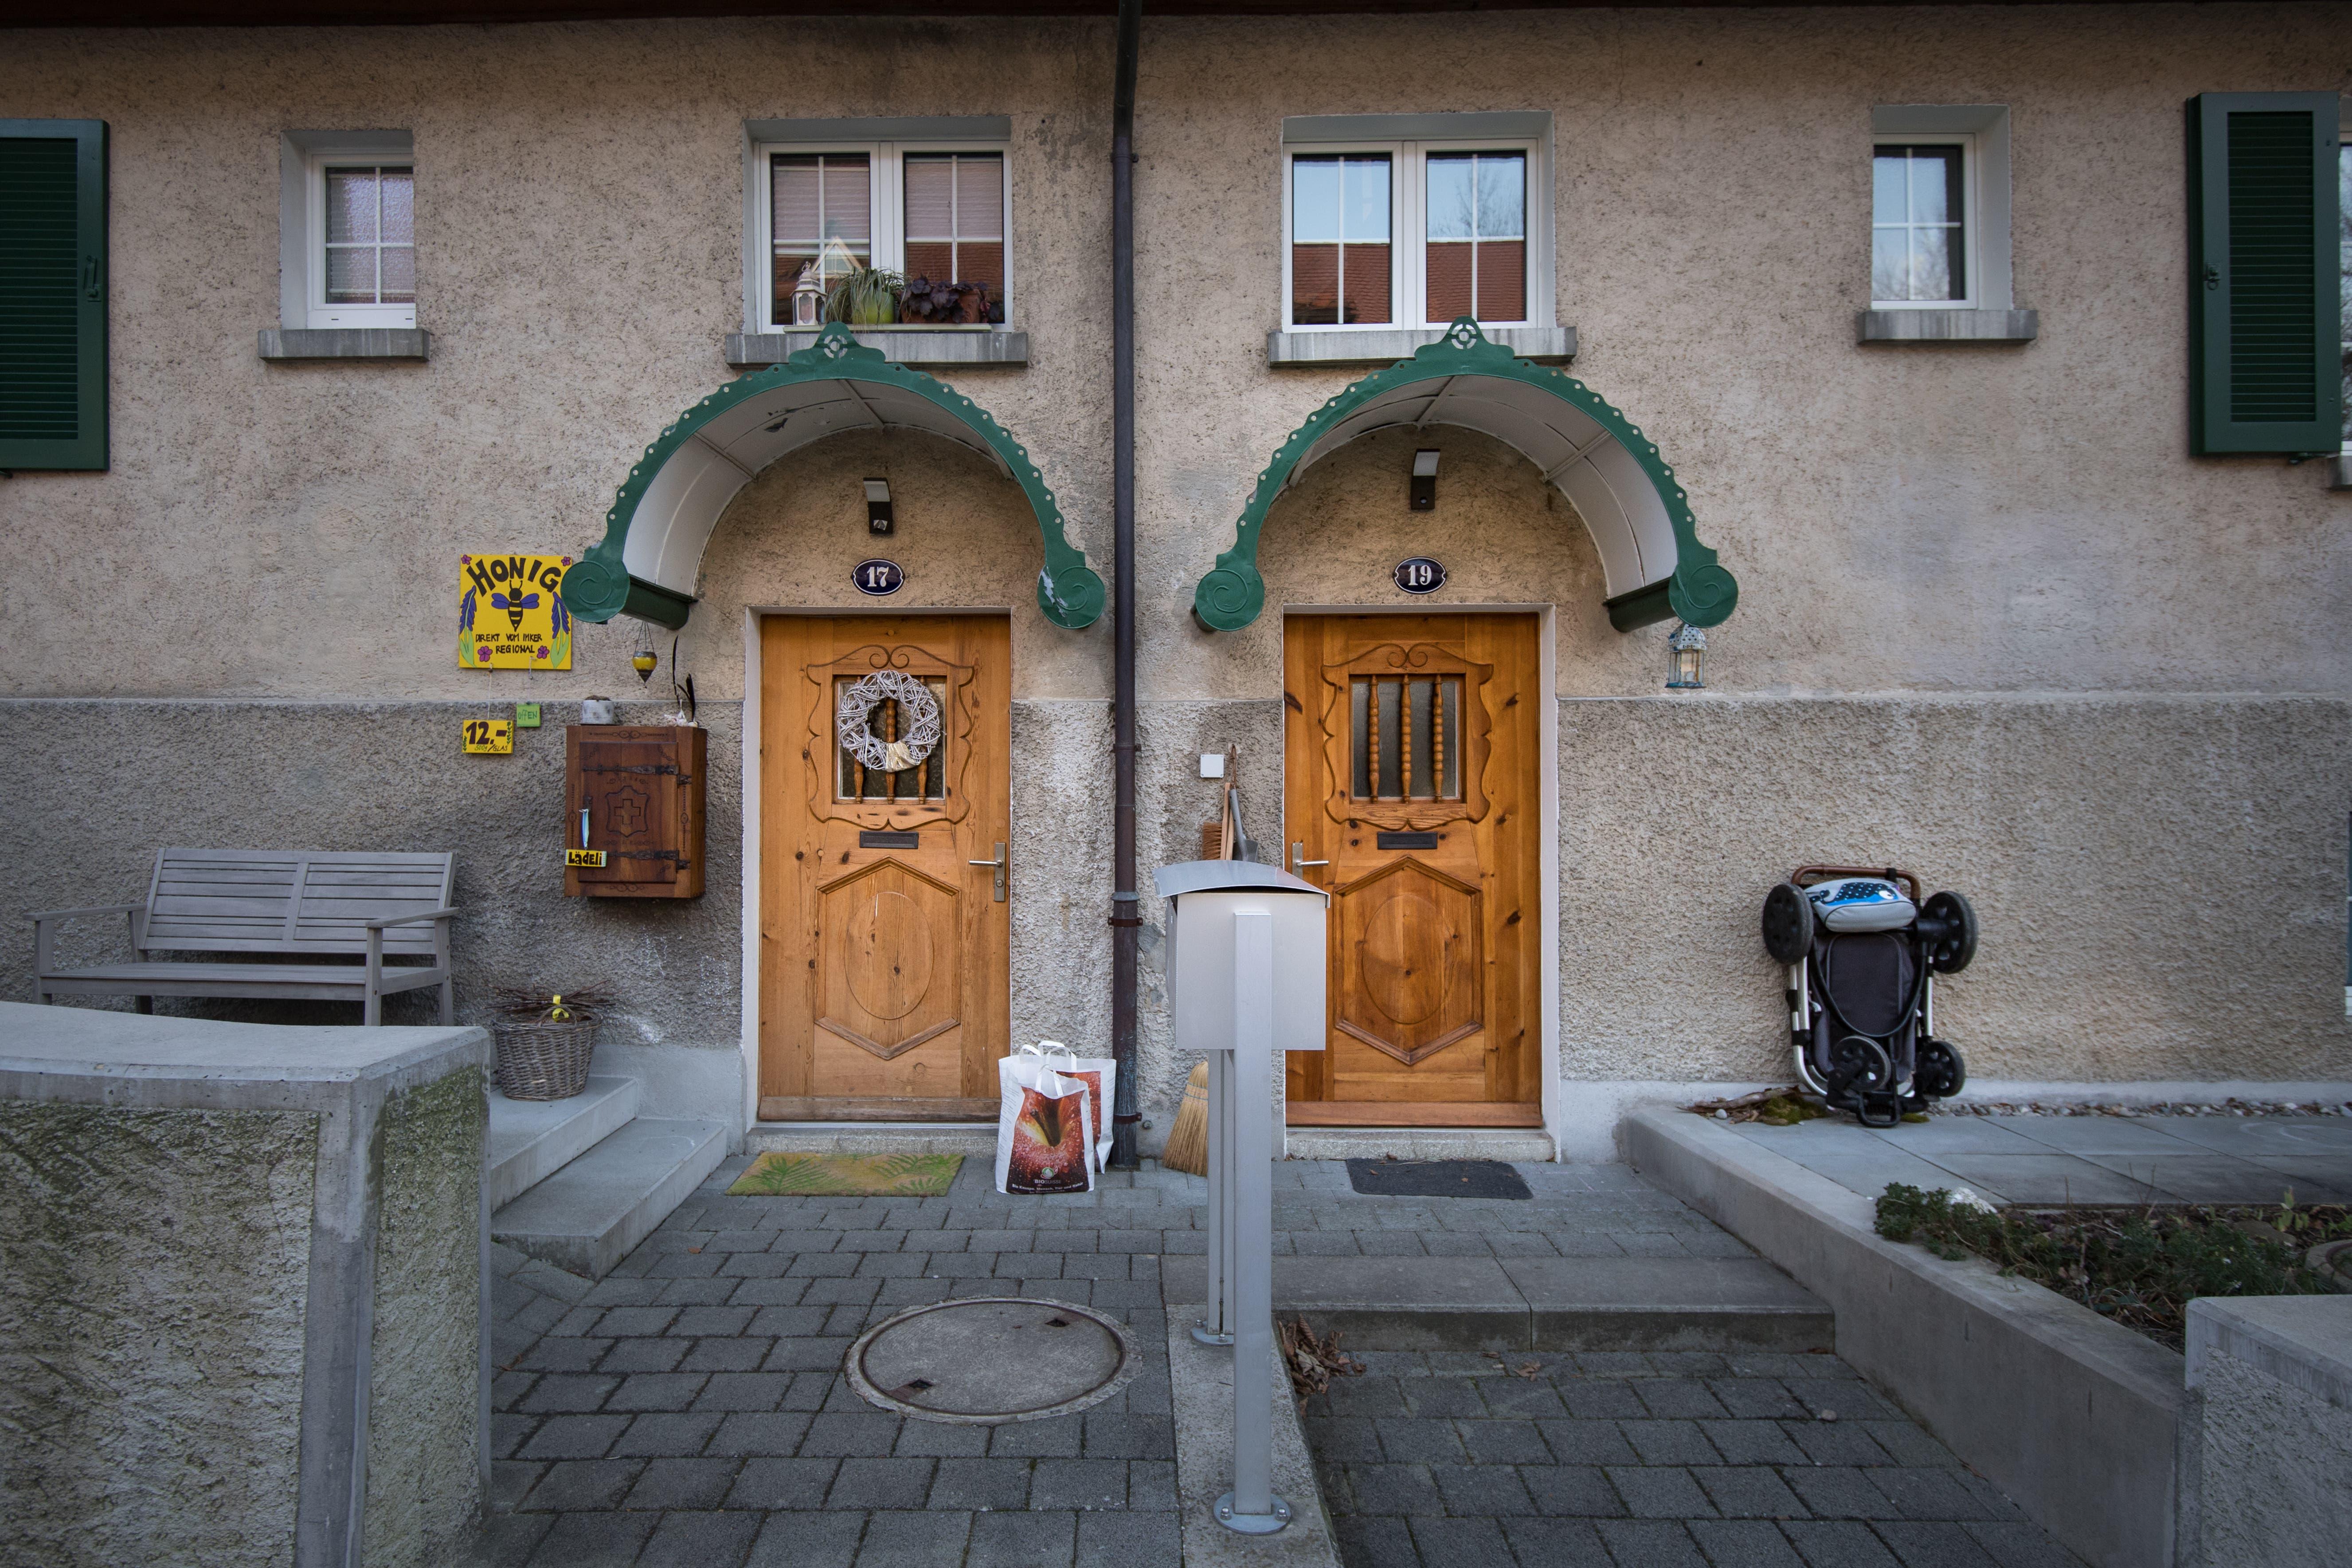 Der grosse Ostschweizer Mietreport: Steckborn hat die höchste Leerwohnungsquote, Rapperswil-Jona die teuersten Mieten | St.Galler Tagblatt